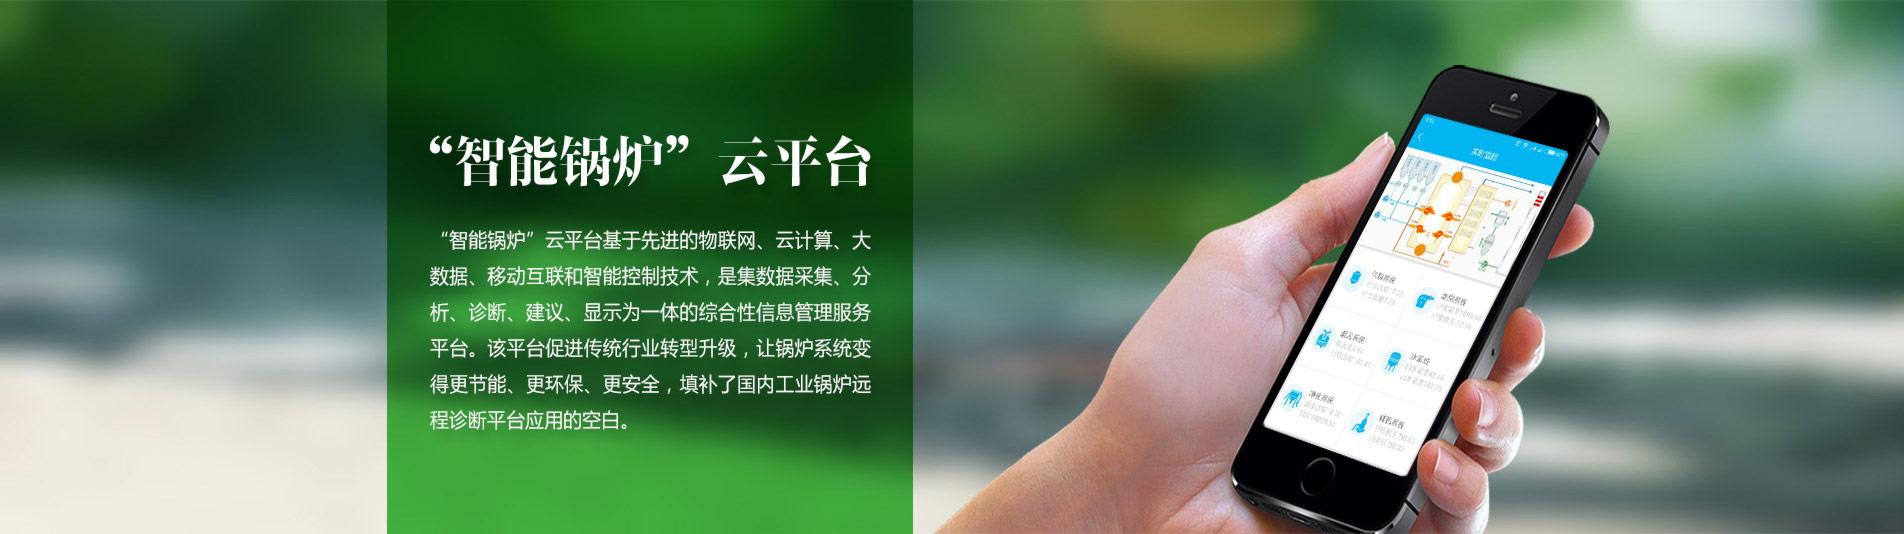 智能万博体育ManBetx客户端云平台